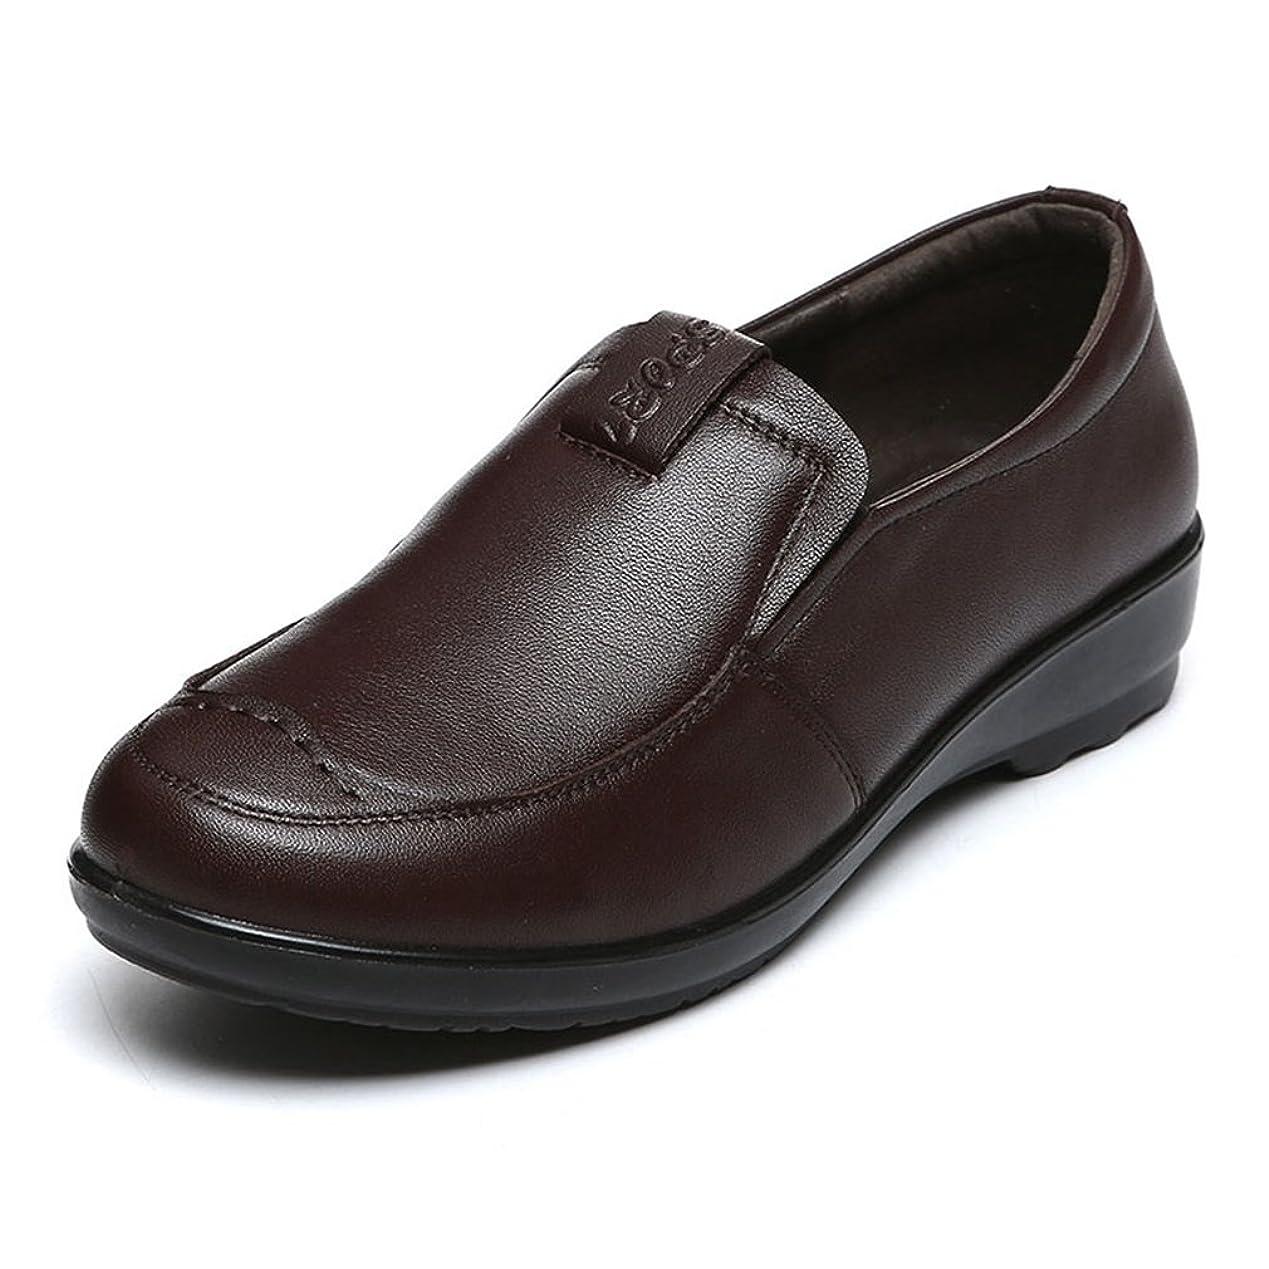 歯科医触覚傾向があります店舗]シニアシューズ レディース パンプス 婦人靴 黒/ワインレッド/ブラウン 21.5-26.5CM モカシン 小さいサイズから大きいサイズまで 介護シューズ 軽量 歩きやすい 柔らかい 抗菌 母へのギフト お出かけ 散歩 四季